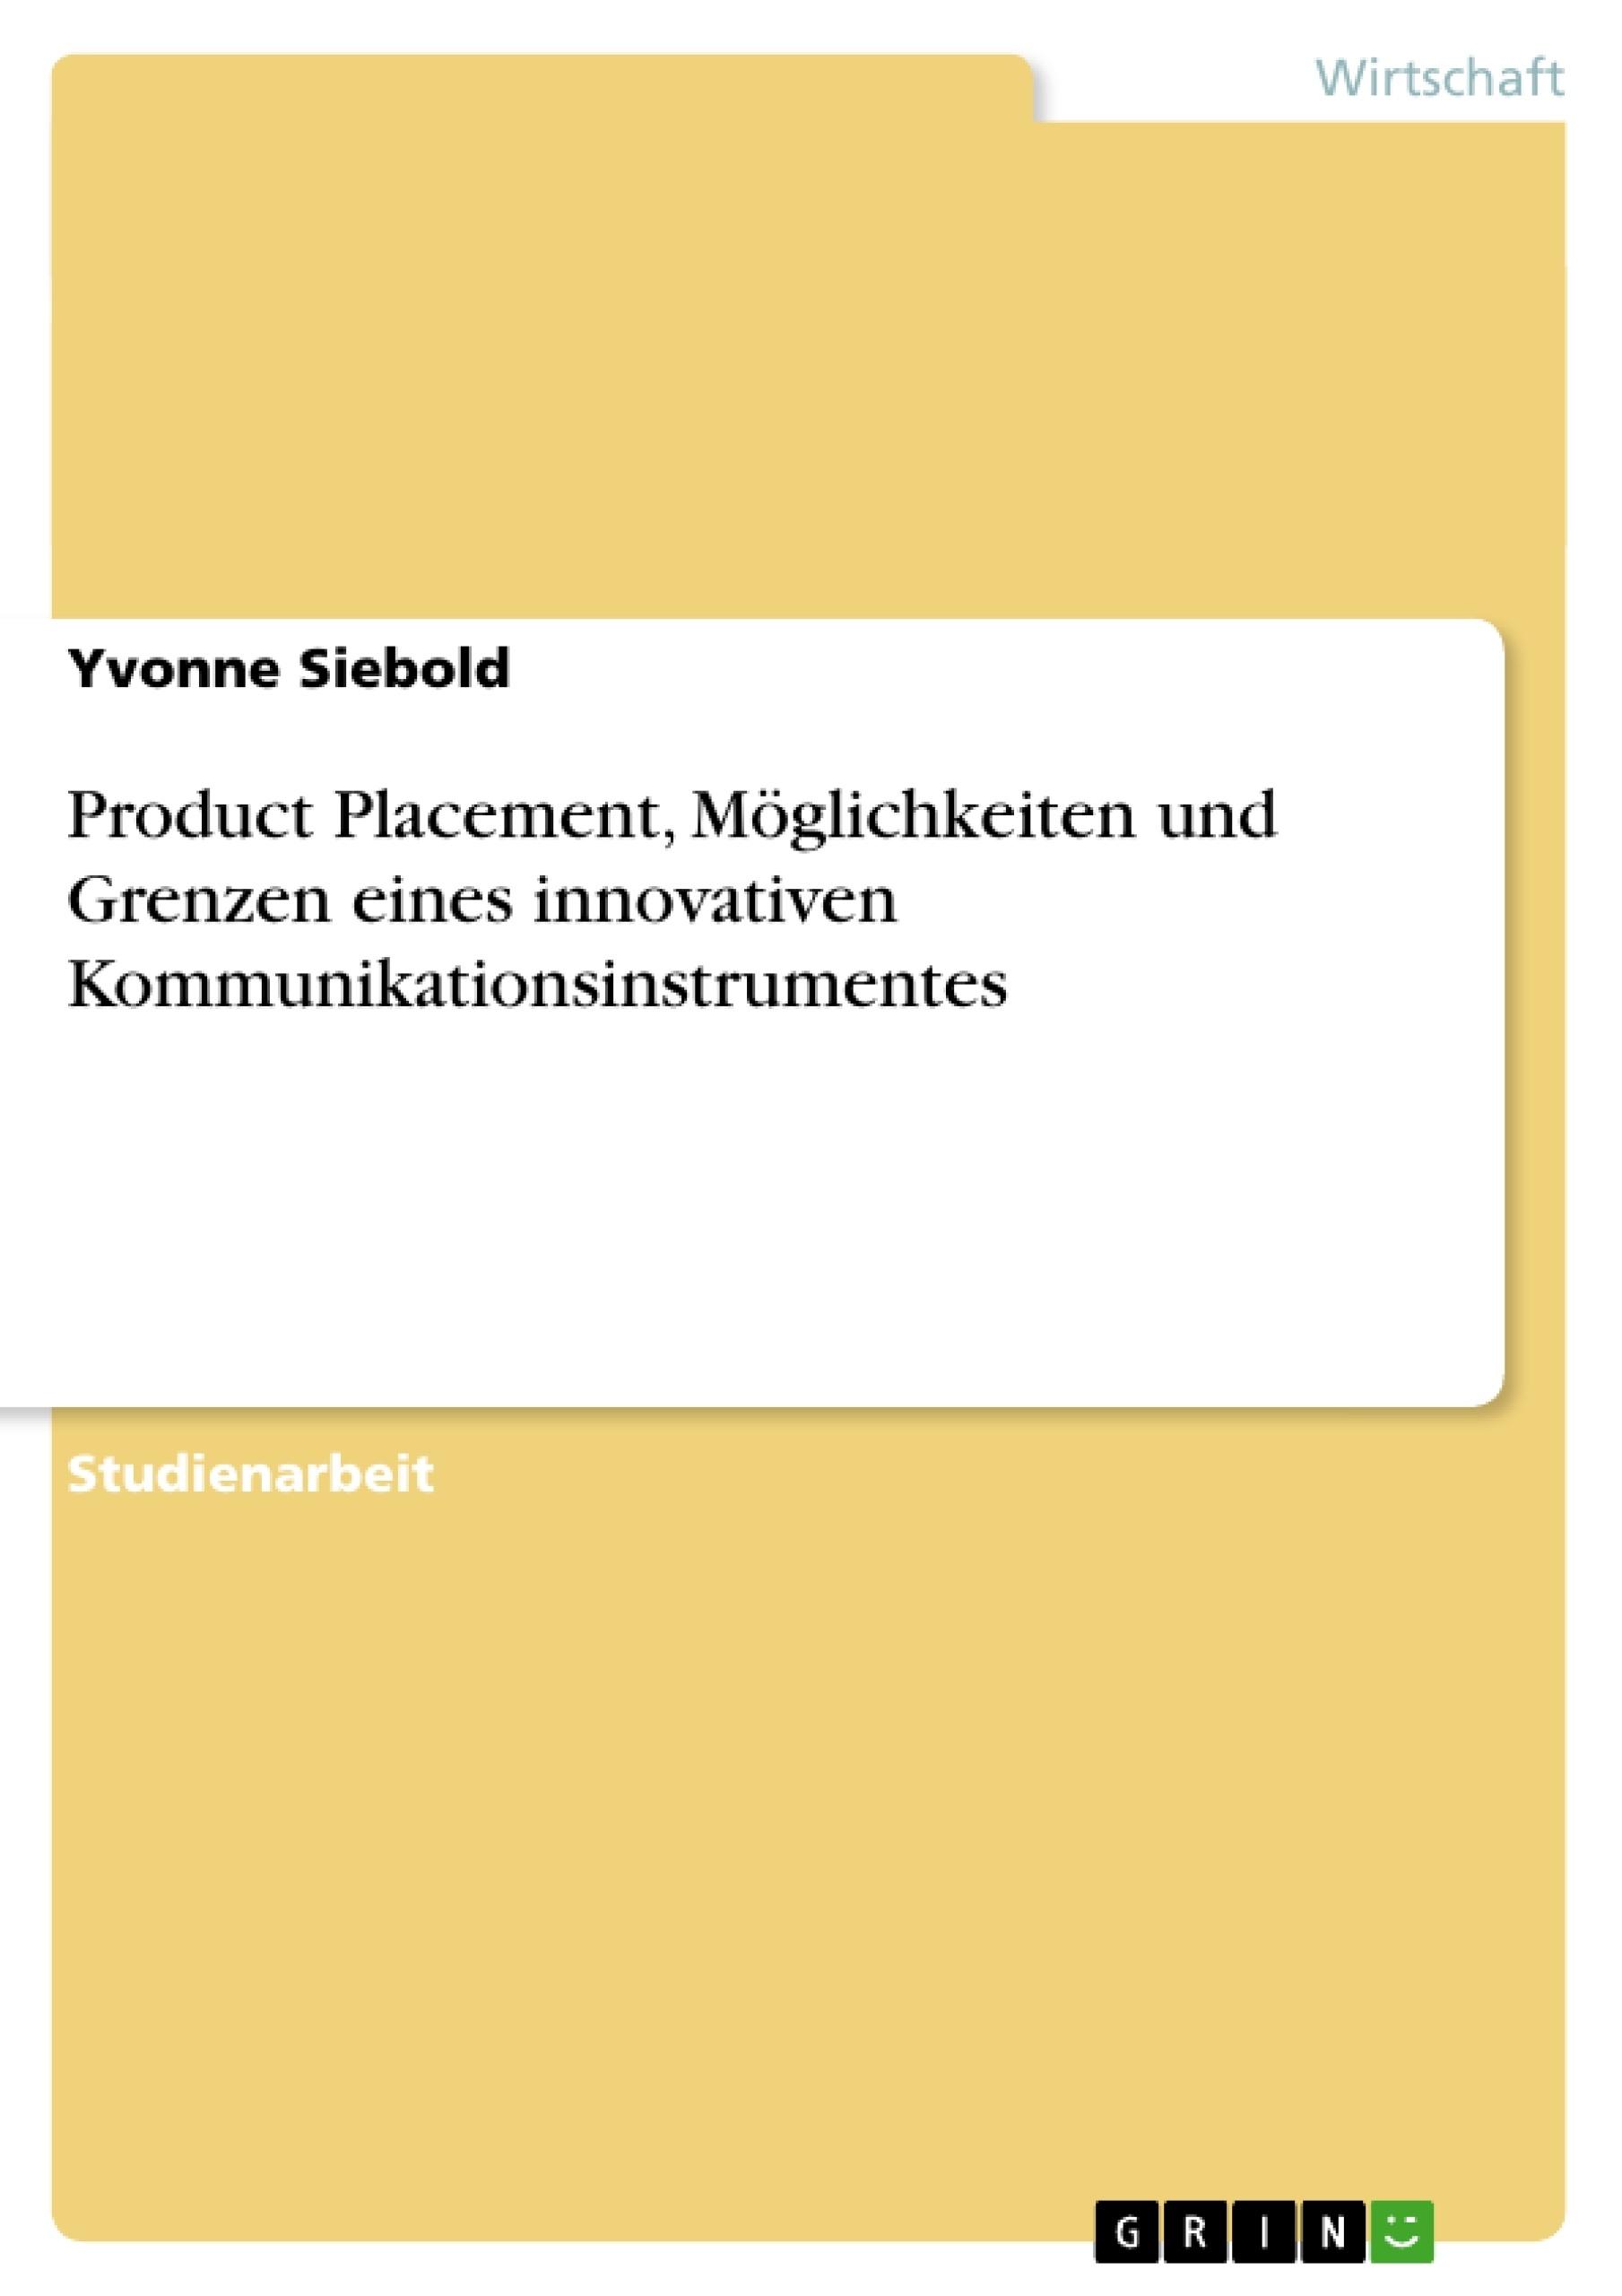 Titel: Product Placement, Möglichkeiten und Grenzen eines innovativen Kommunikationsinstrumentes